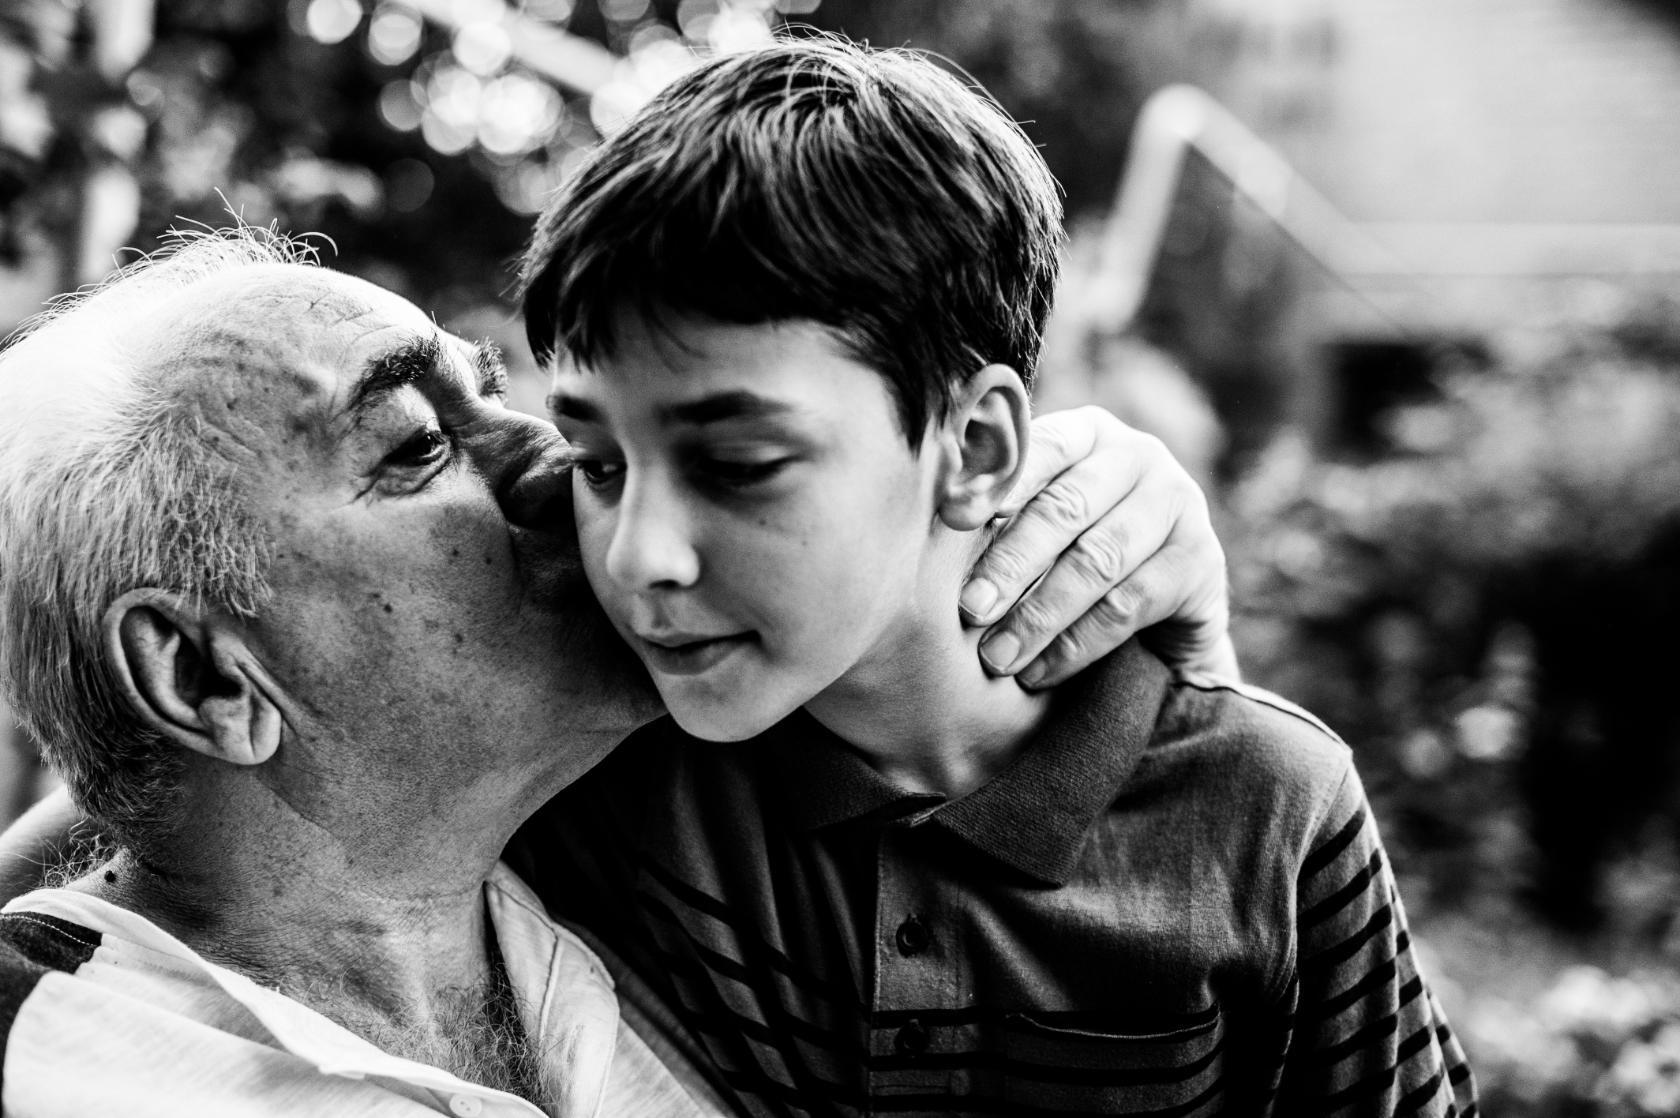 Рассказ сосу деду, : Эротические рассказы и секс. Рассказ 7 фотография